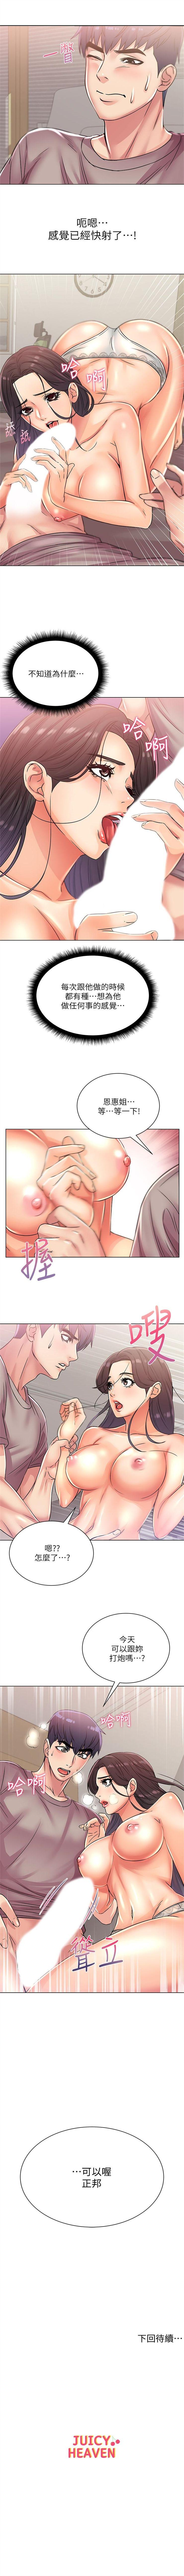 超市的漂亮姐姐 1-27 官方中文(連載中) 136